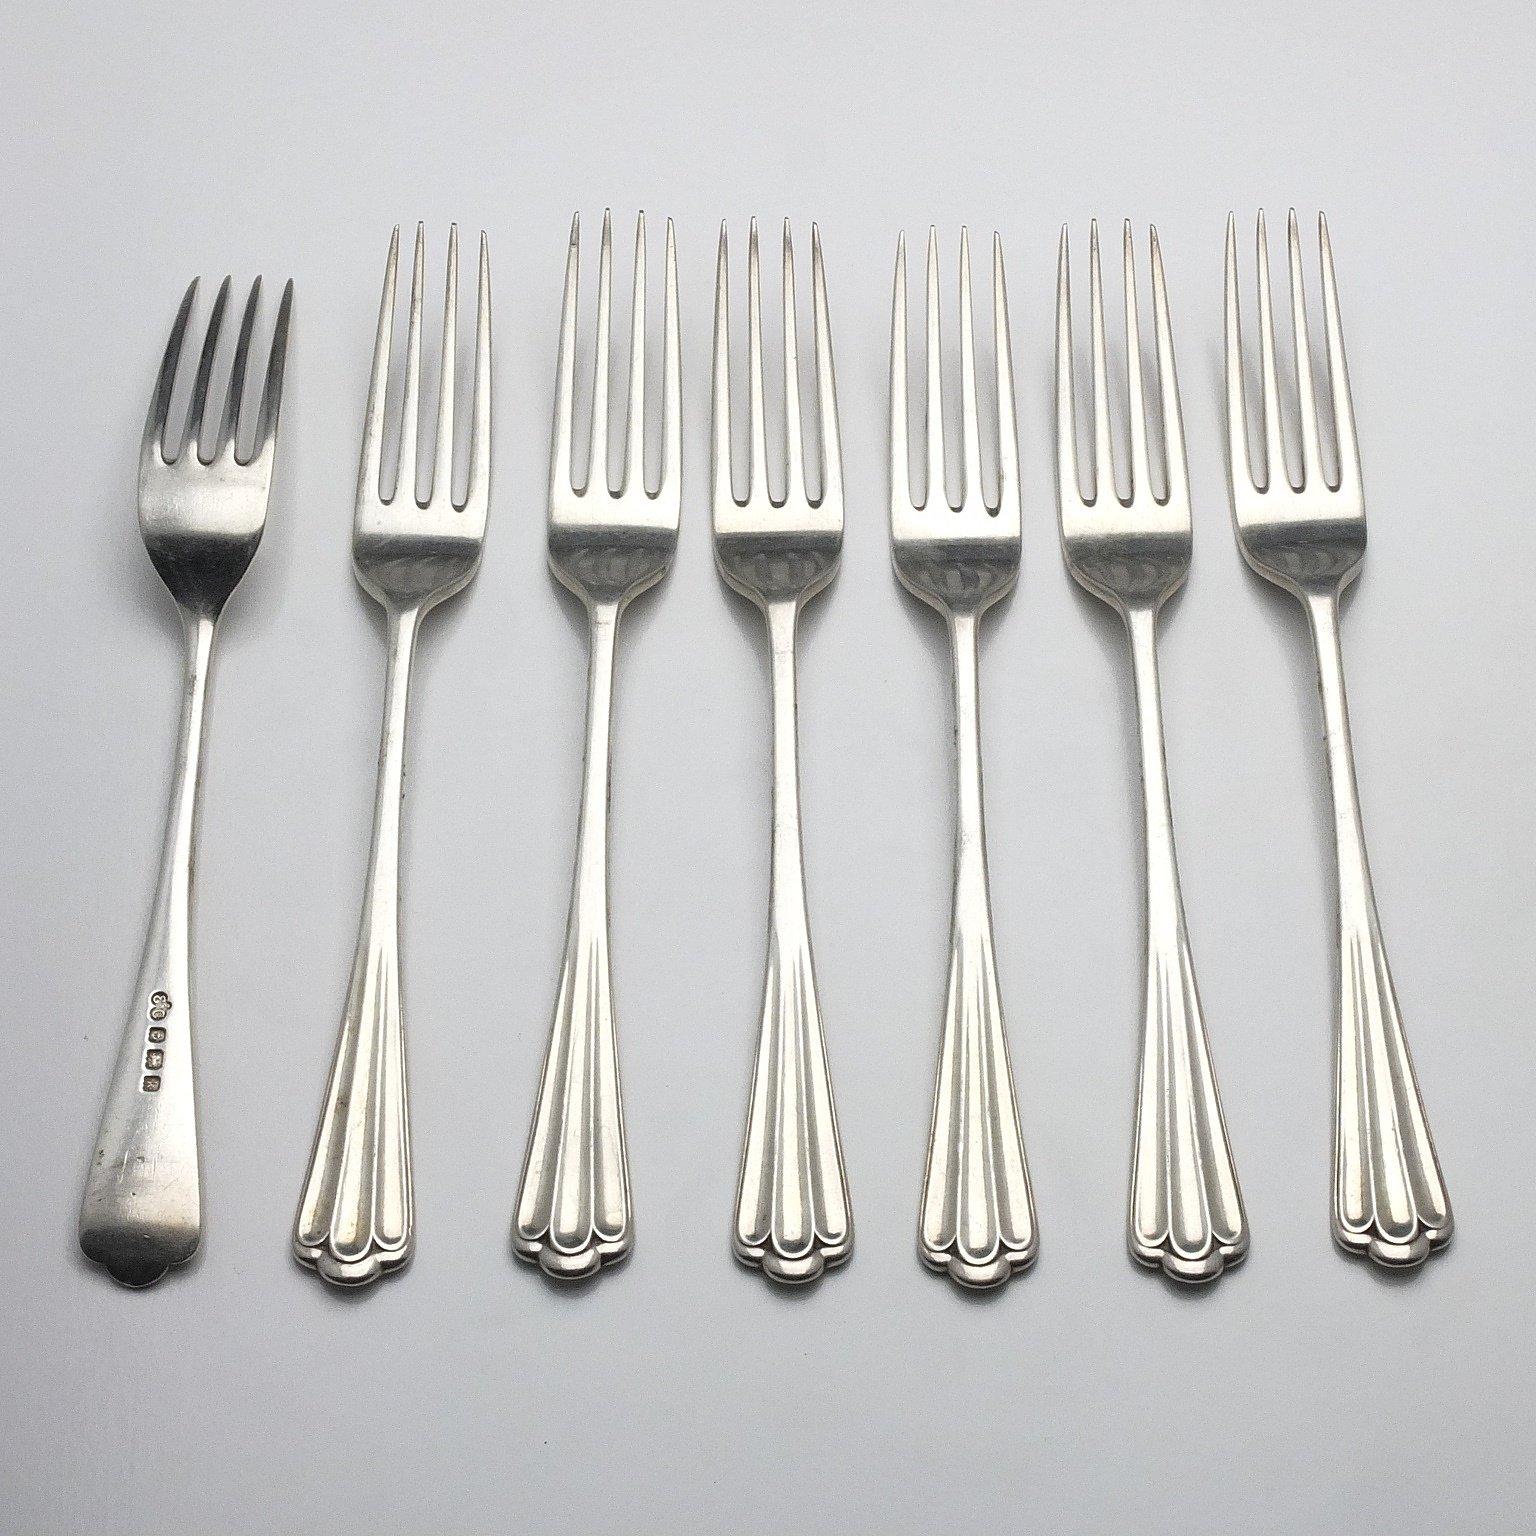 'Seven Edwardian Sterling Silver Mains Forks Elkington & Co Ltd Birmingham 1909'